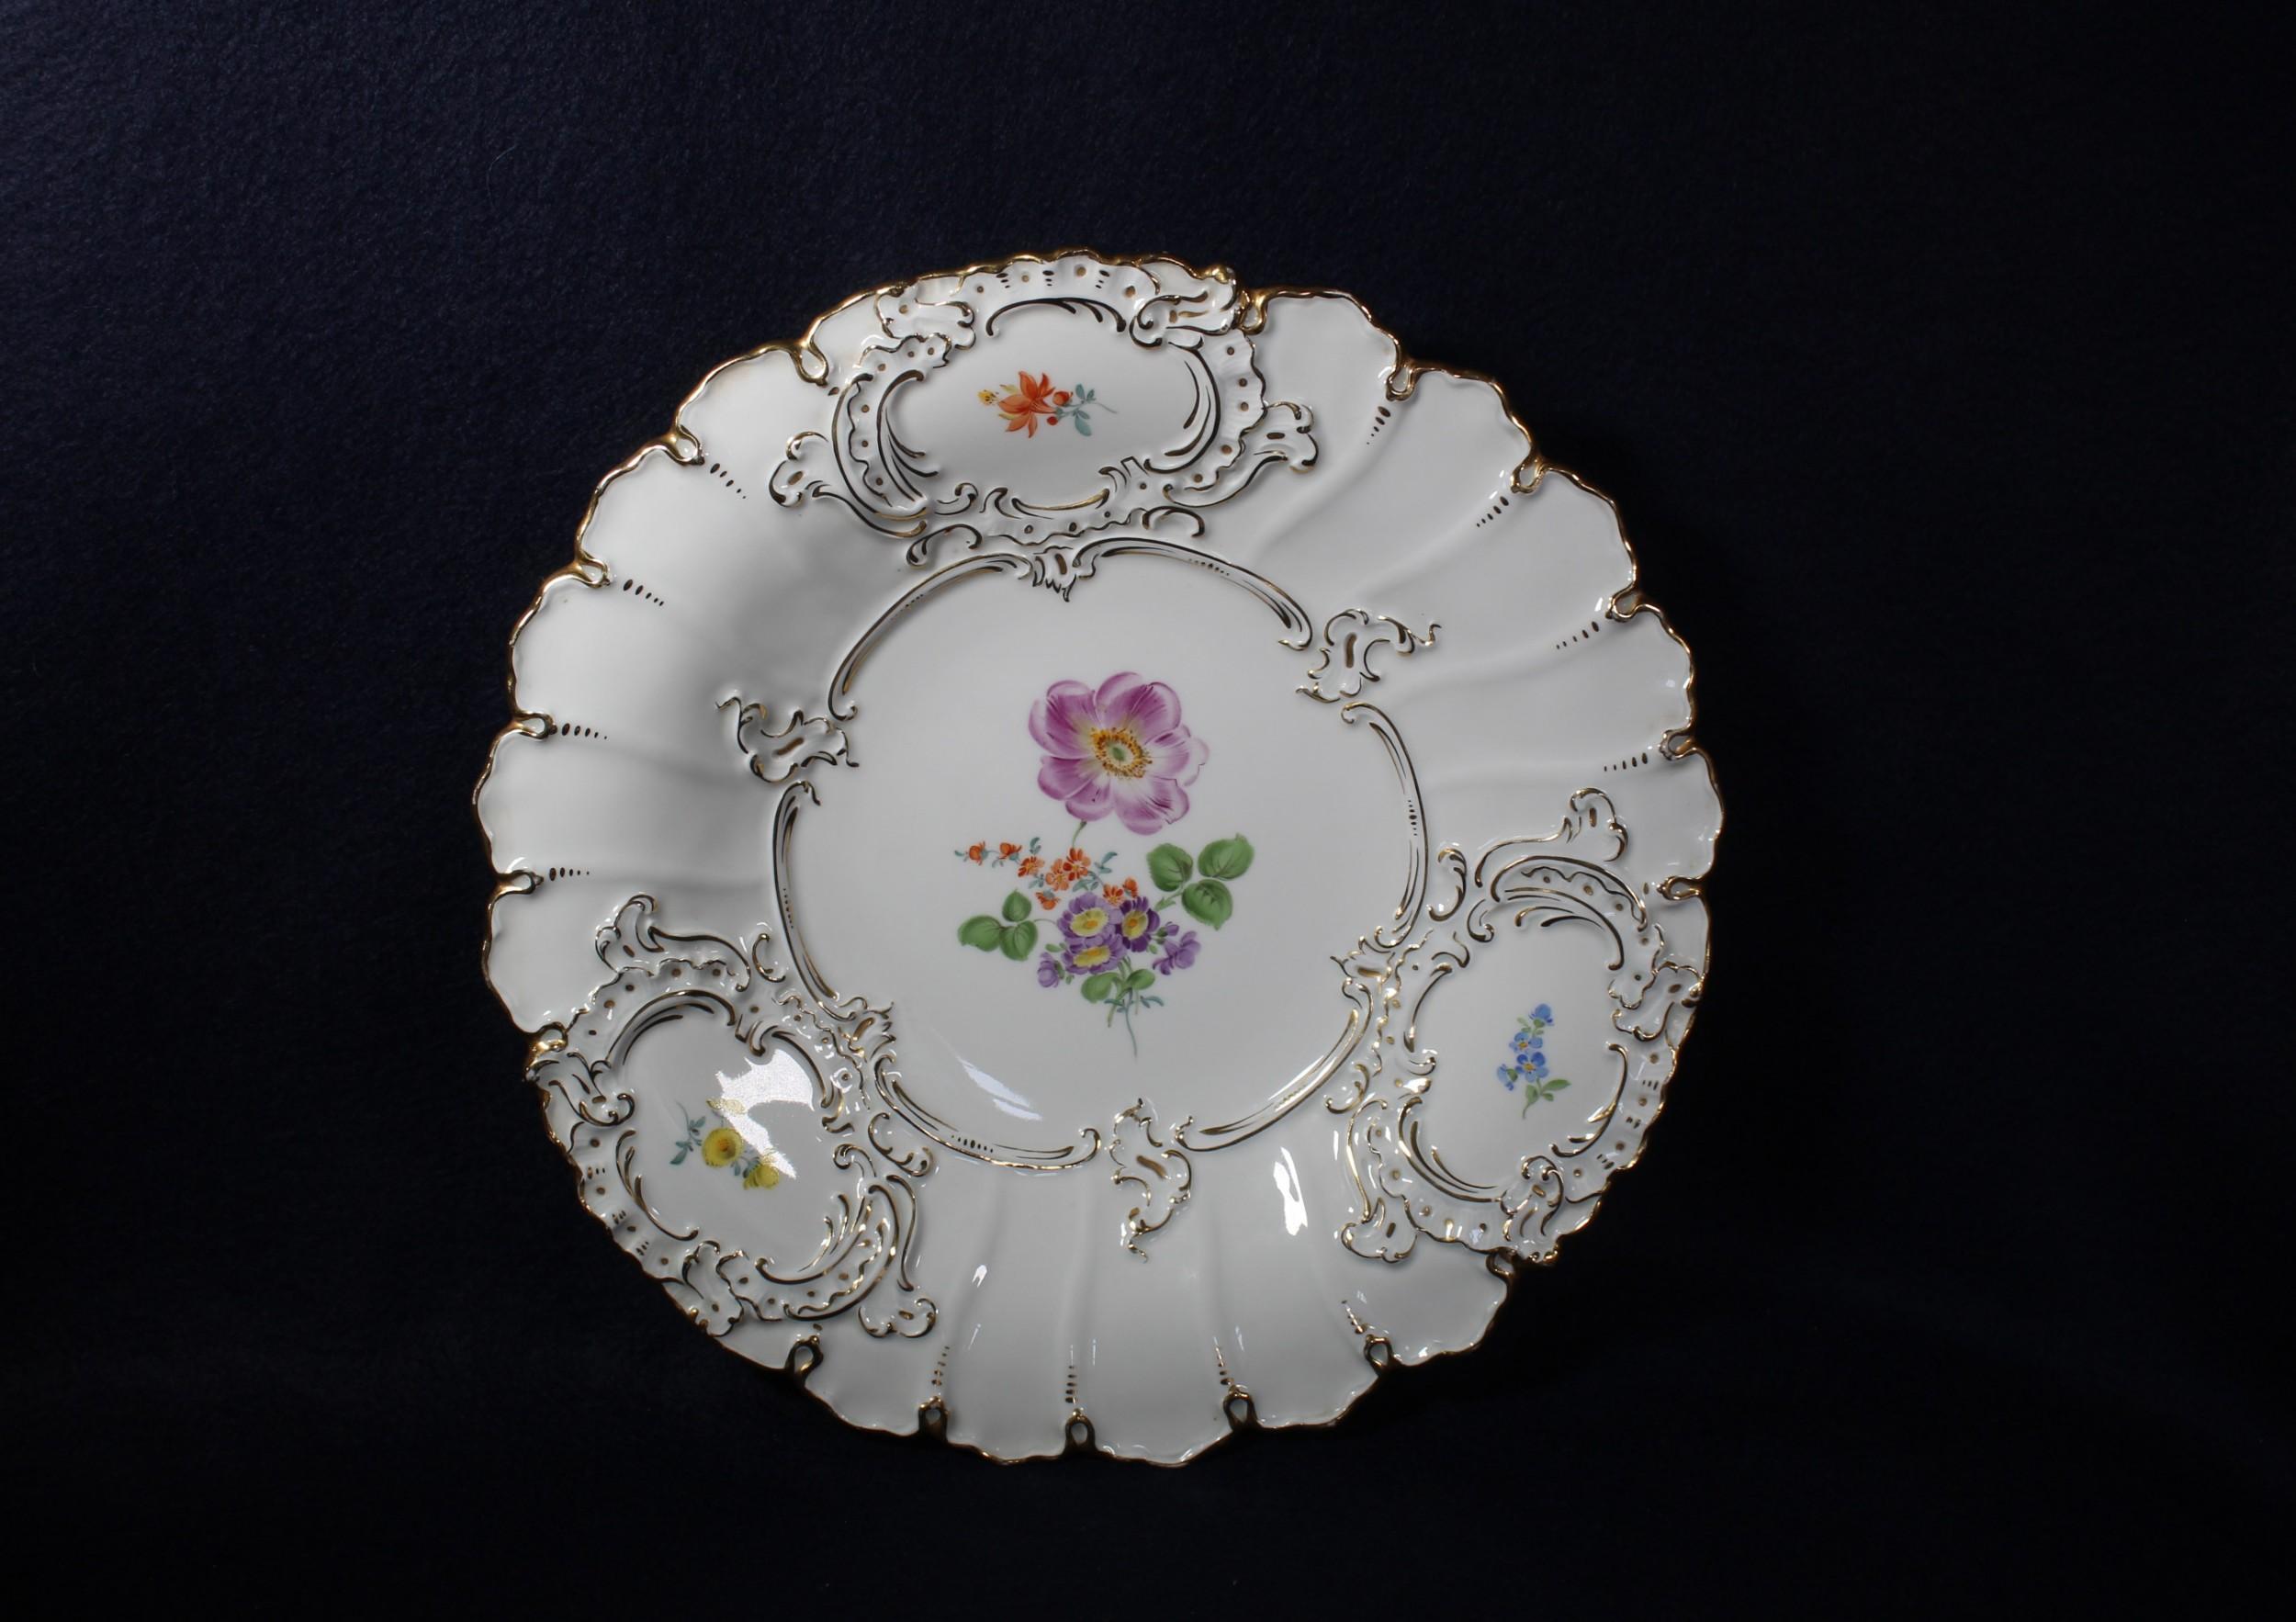 19th century meissen hand painted porcelain dish 30cm